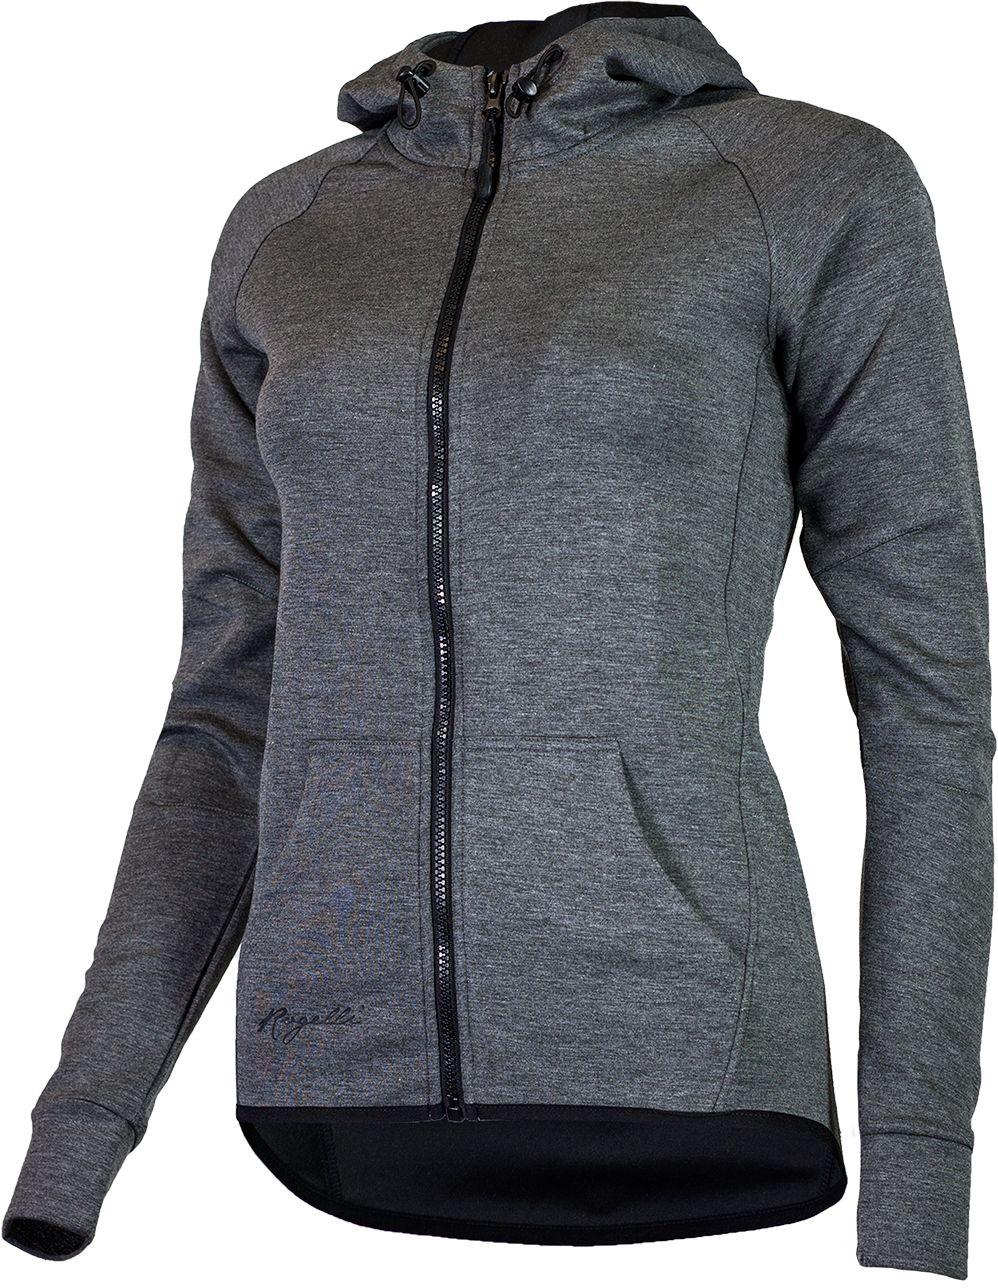 ROGELLI damska bluza z kapturem TRAINING szara Rozmiar: XS,050.609.XS